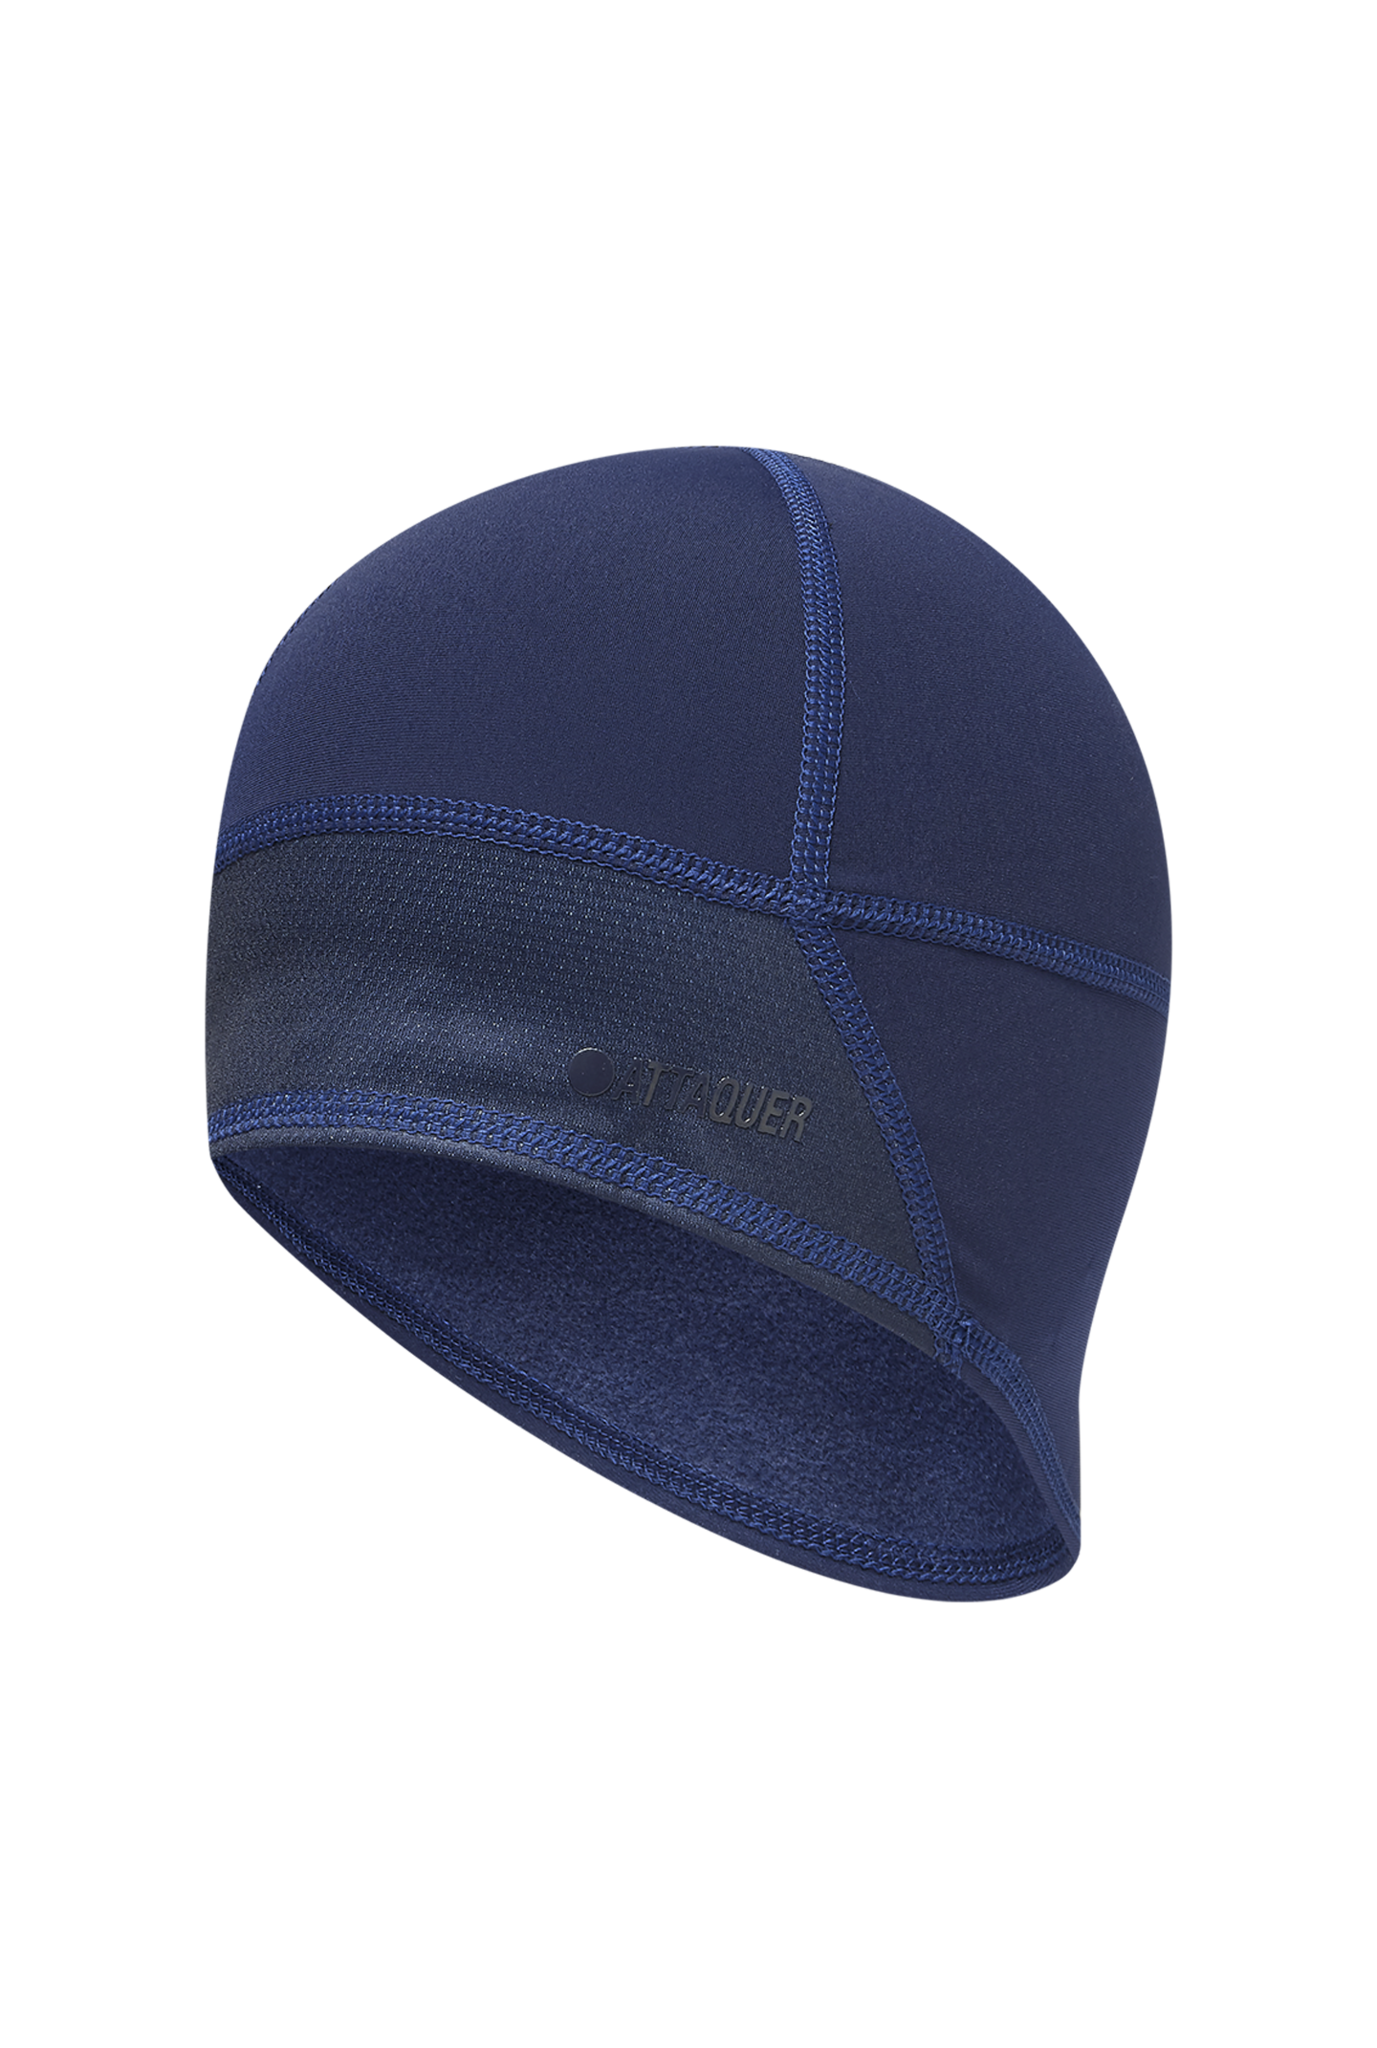 Winter Cap Navy-1